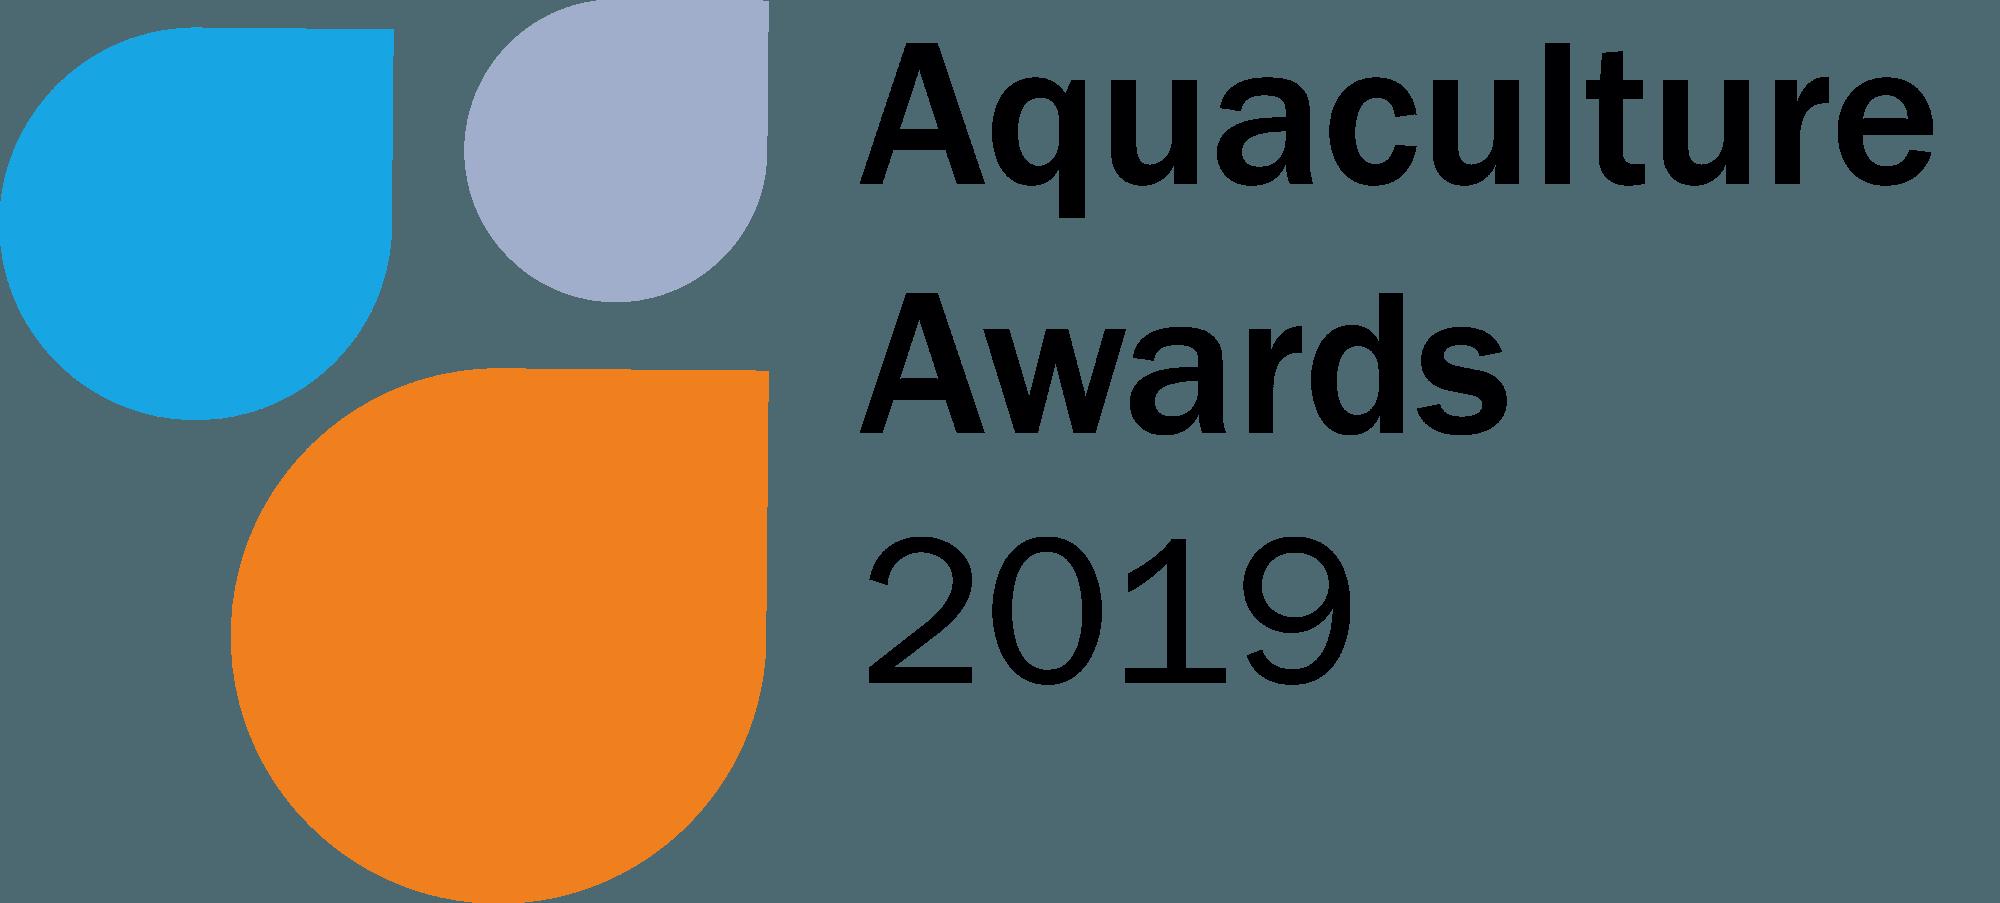 Aqcawards